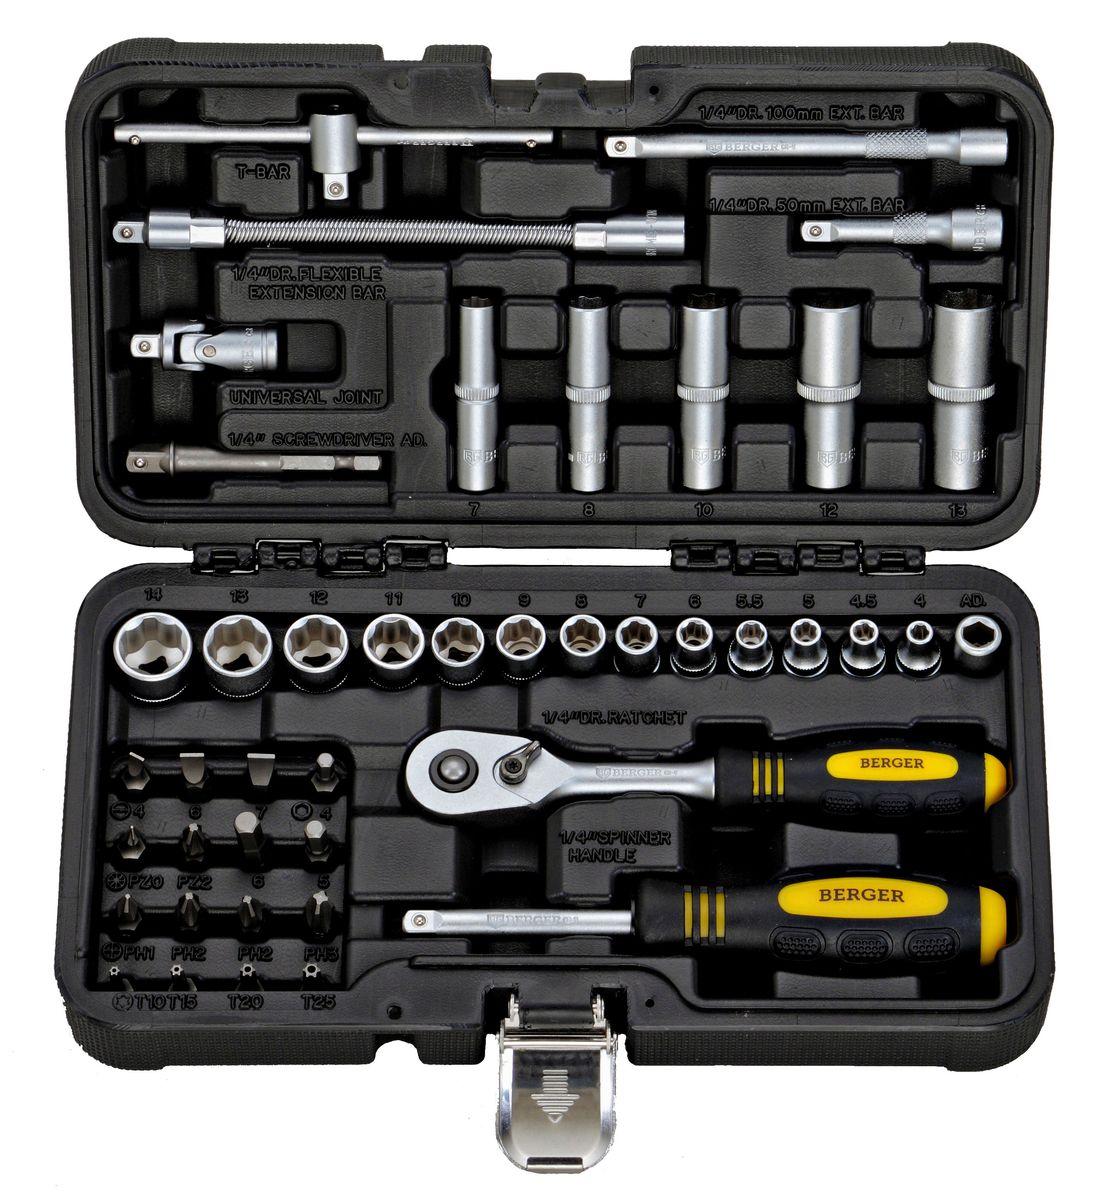 Универсальный набор инструментов Berger, 43 предмета. BG043-14ПЦ3707СРСВИНЦОРНабор Berger - универсальный набор инструментов для ремонта и обслуживания автомобилей. Комплект подойдет для использования как профессионалами в автомастерских, так и водителями в гараже или в дороге. Инструменты выполнены из хромованадиевой стали. Кейс из пластика компактно вмещает в себя 43 предмета набора, обладает ручкой для транспортировки и защелками.В наборе:- 1. 13 шт. – 1/4 головки торцевые 6-гранные Super Lock: 4, 4.5, 5, 5.5, 6, 7, 8, 9, 10, 11, 12, 13, 14 мм;- 2. 5 шт. - 1/4 головки торцевые длинные 6-гранные Super Lock: 7, 8, 10, 12, 13 мм;- 3. 1 шт. - 1/4 трещотка (ключ трещоточный с быстрым сбросом) 45 зубов;- 4. 1 шт. - 1/4 вороток Т-образный 110 мм; - 5. 1 шт. - 1/4 отвертка с присоединительным квадратом;- 6. 1 шт. - 1/4 удлинитель гибкий: 150 мм;- 7. 2 шт. - 1/4 удлинитель: 50 мм, 100 мм;- 8. 1 шт. - 1/4 кардан шарнирный;- 9. 1 шт. - 1/4 адаптер для бит;- 10. 16 шт. - 1/4 биты:- Ph (крест): 1, 2, 2, 3;- Pz (позидрайв): 0, 2;- TORX (звездочка): T10, T15, T20, T25;- SLOT (шлиц): 4, 6, 7;- HEX (шестигранник): 4, 5, 6;-11. 1 шт. - 1/4 адаптер для шуруповерта.